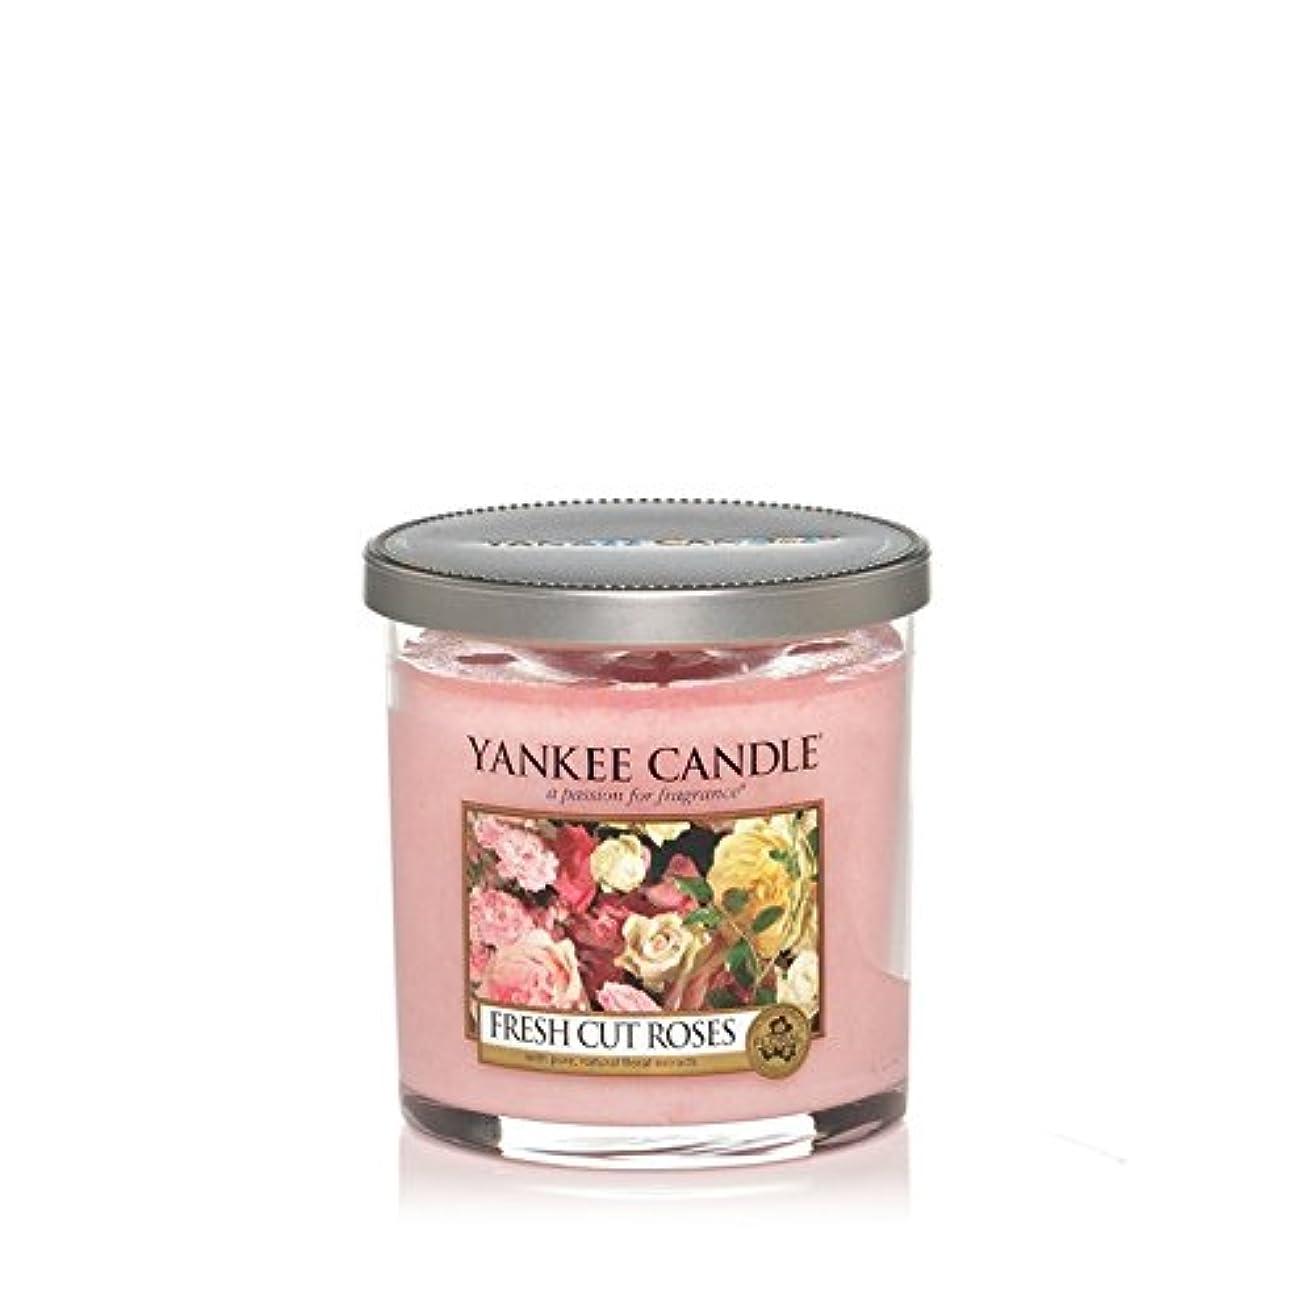 ホームブラウズ新鮮なYankee Candles Small Pillar Candle - Fresh Cut Roses (Pack of 6) - ヤンキーキャンドルの小さな柱キャンドル - 新鮮なバラ切り花 (x6) [並行輸入品]